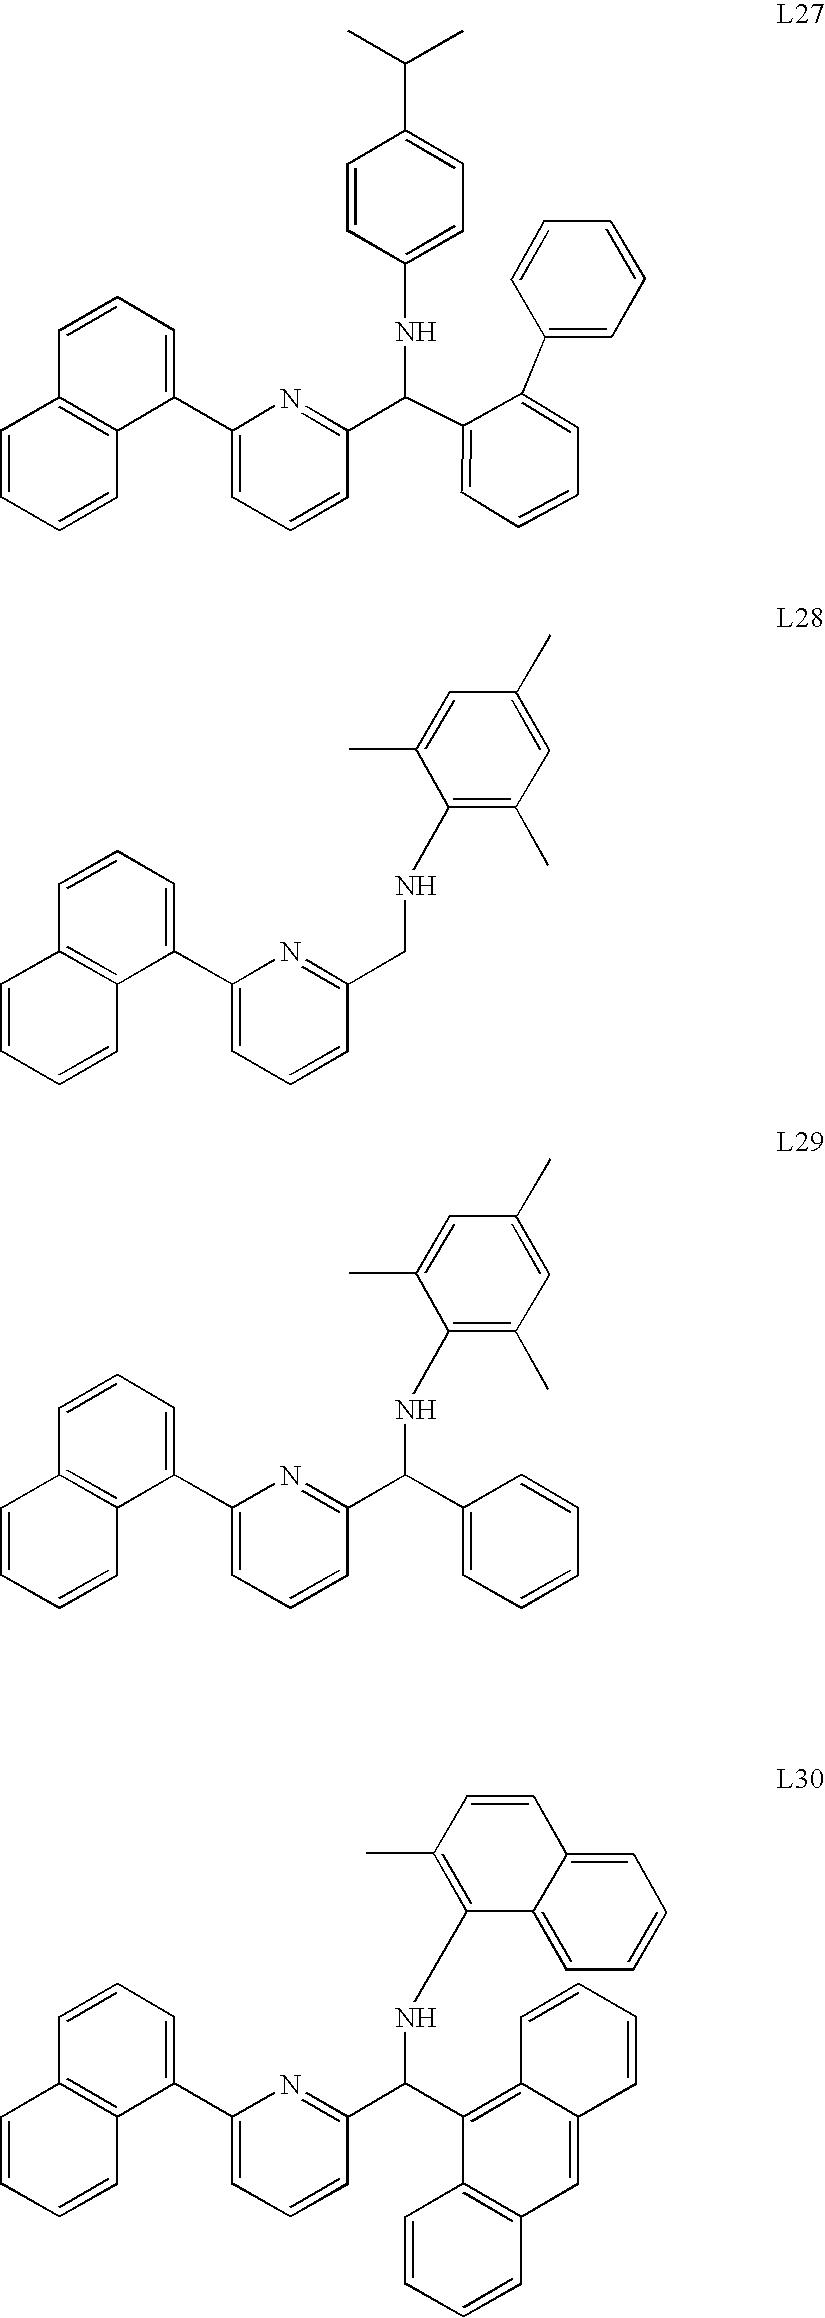 Figure US06900321-20050531-C00077